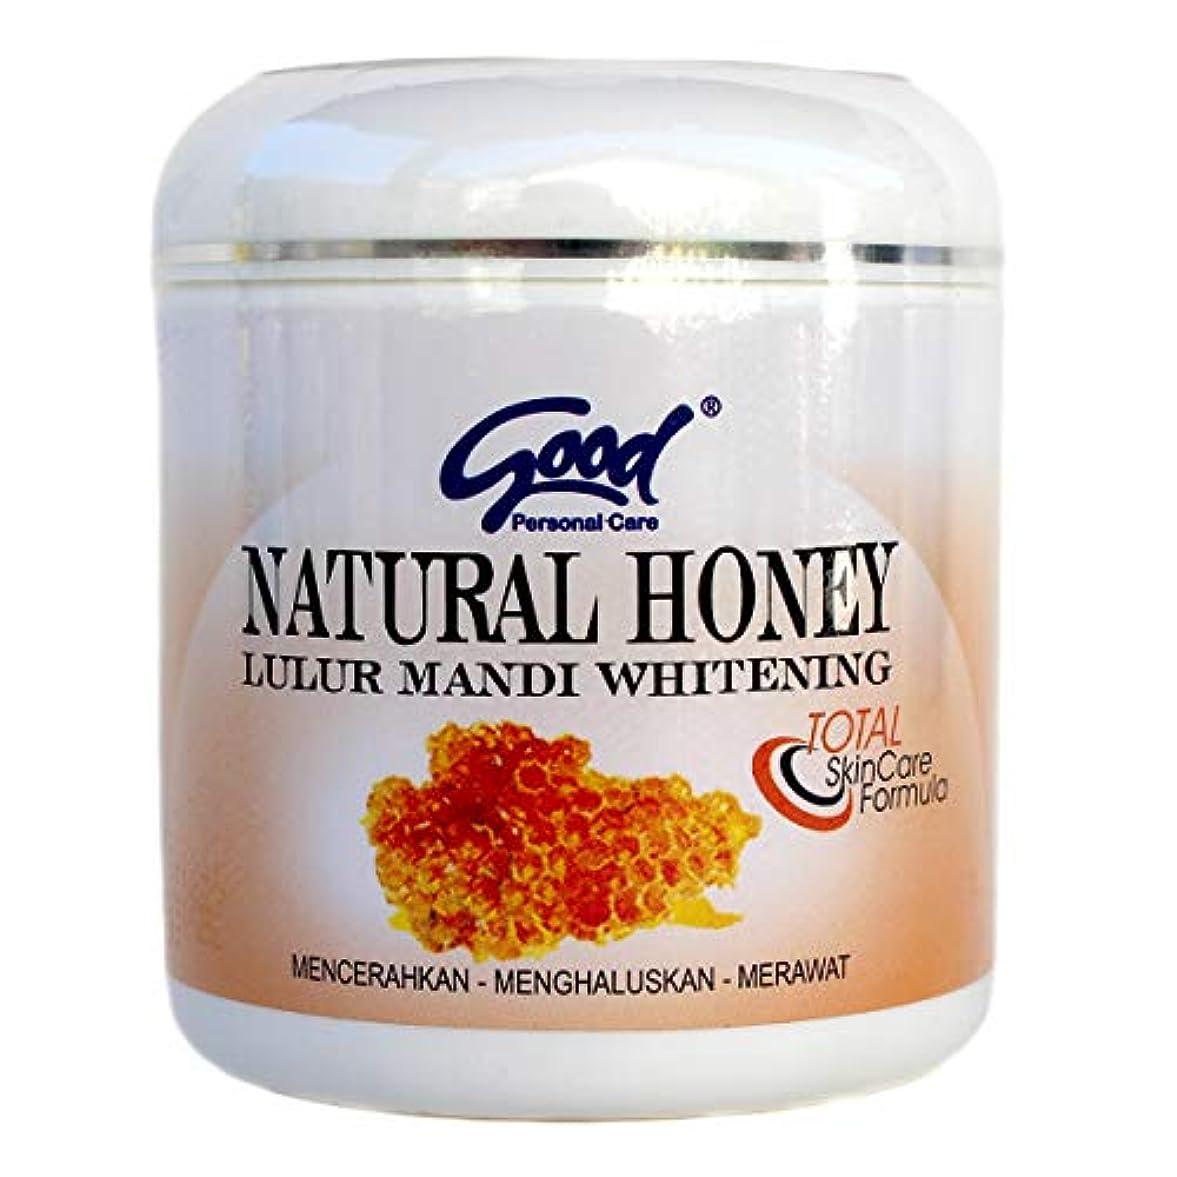 ロッカーいま複雑なgood グッド インドネシアバリ島の伝統的なボディスクラブ Lulur Mandi マンディルルール 200g Natural Honey ナチュラルハニー [海外直送品]